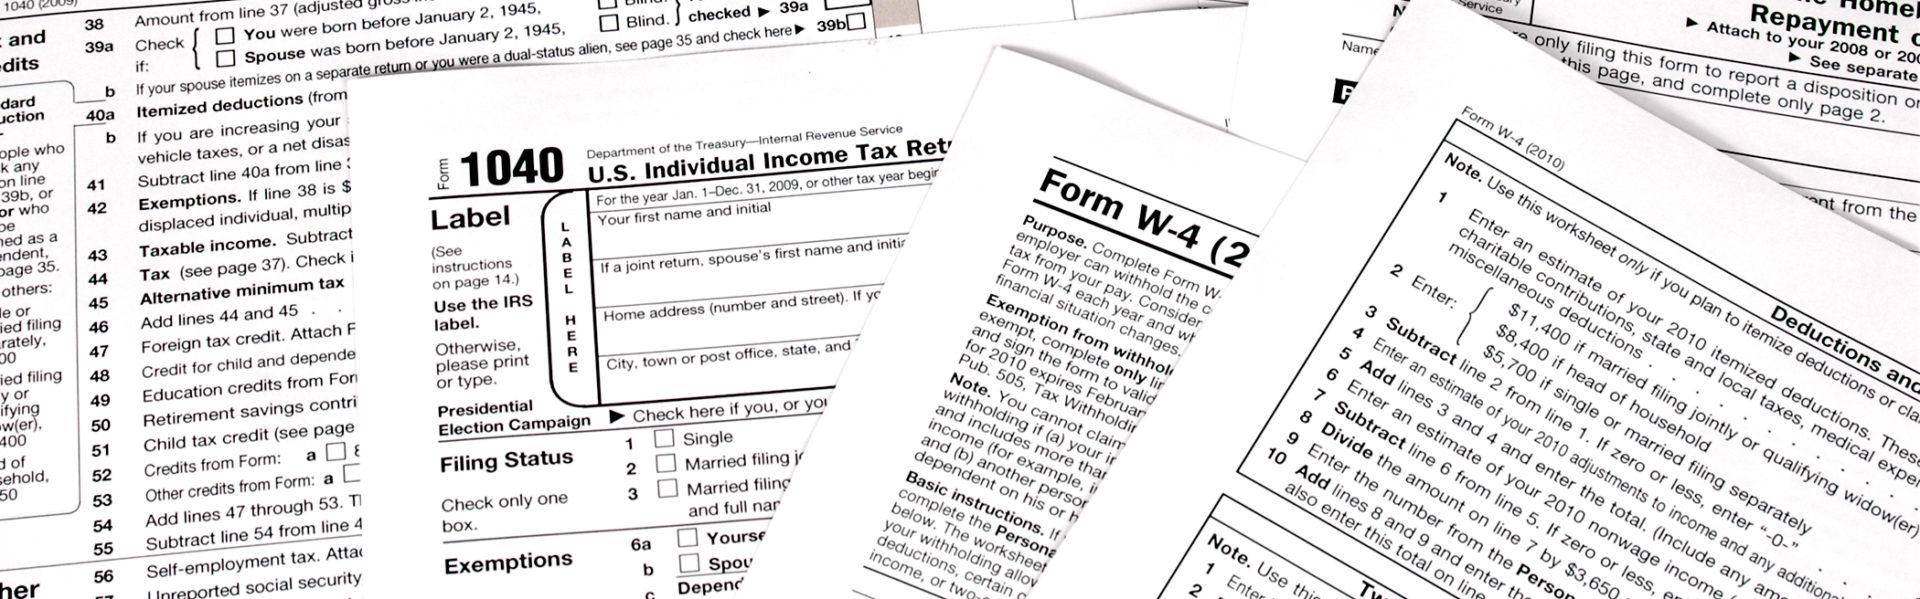 Heagy Tax Service